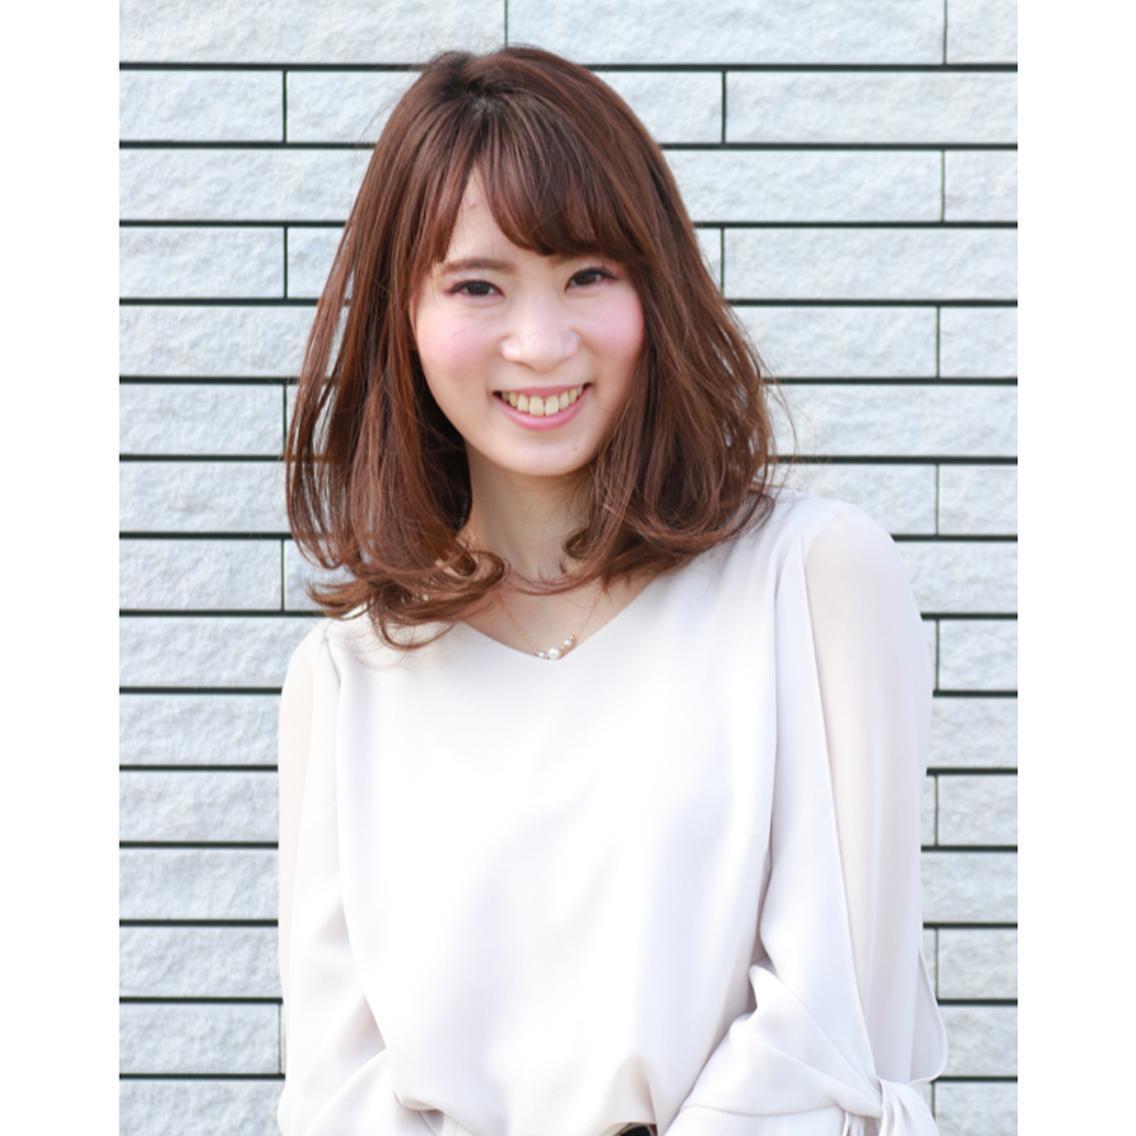 髪を傷めないフェアリーカットがオススメ!!AZURA本荘でツヤのある髪になりませんか!?